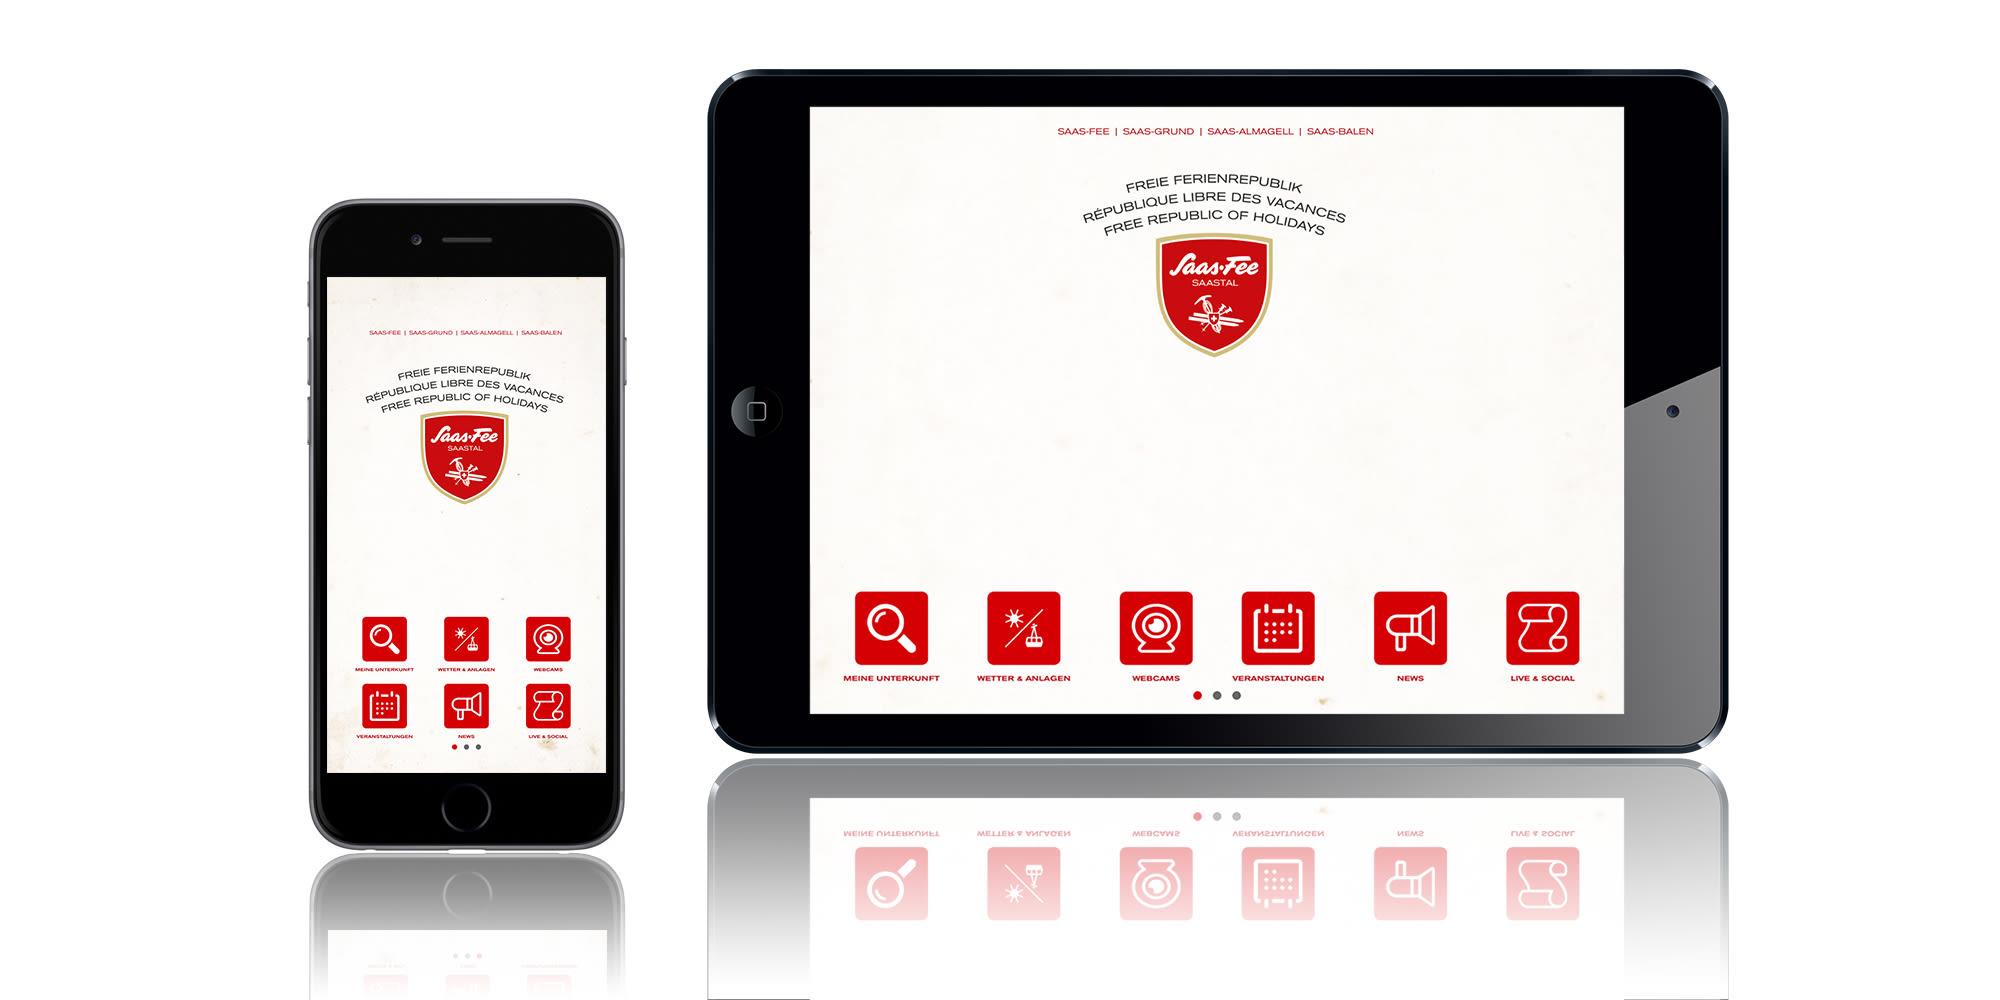 Saas-Fee / Saastal App - Preview